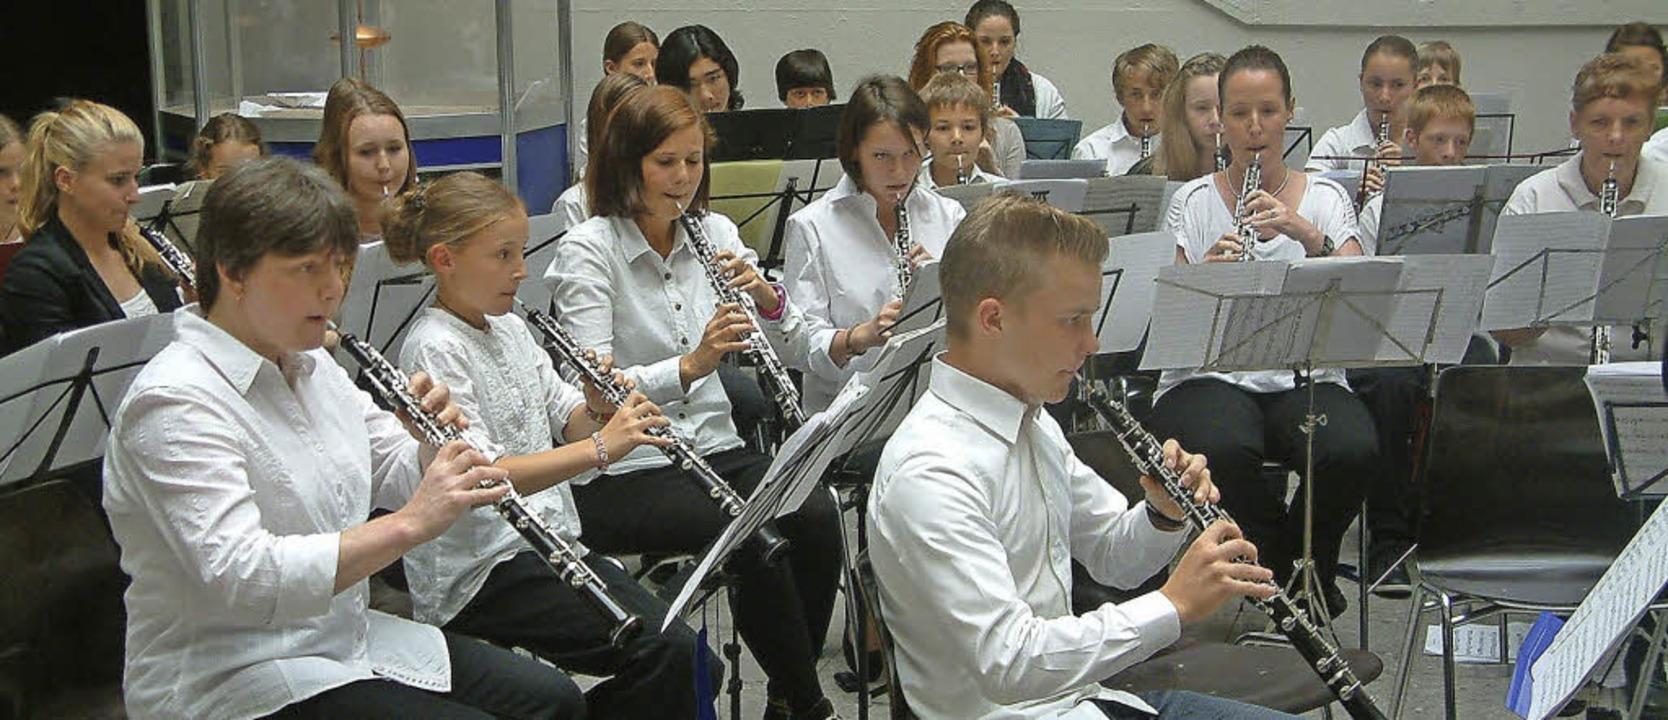 Außergewöhnliche Klänge im Lichthof: D...erstmaligen Oboentage der Musikschule.  | Foto: Roswitha Frey